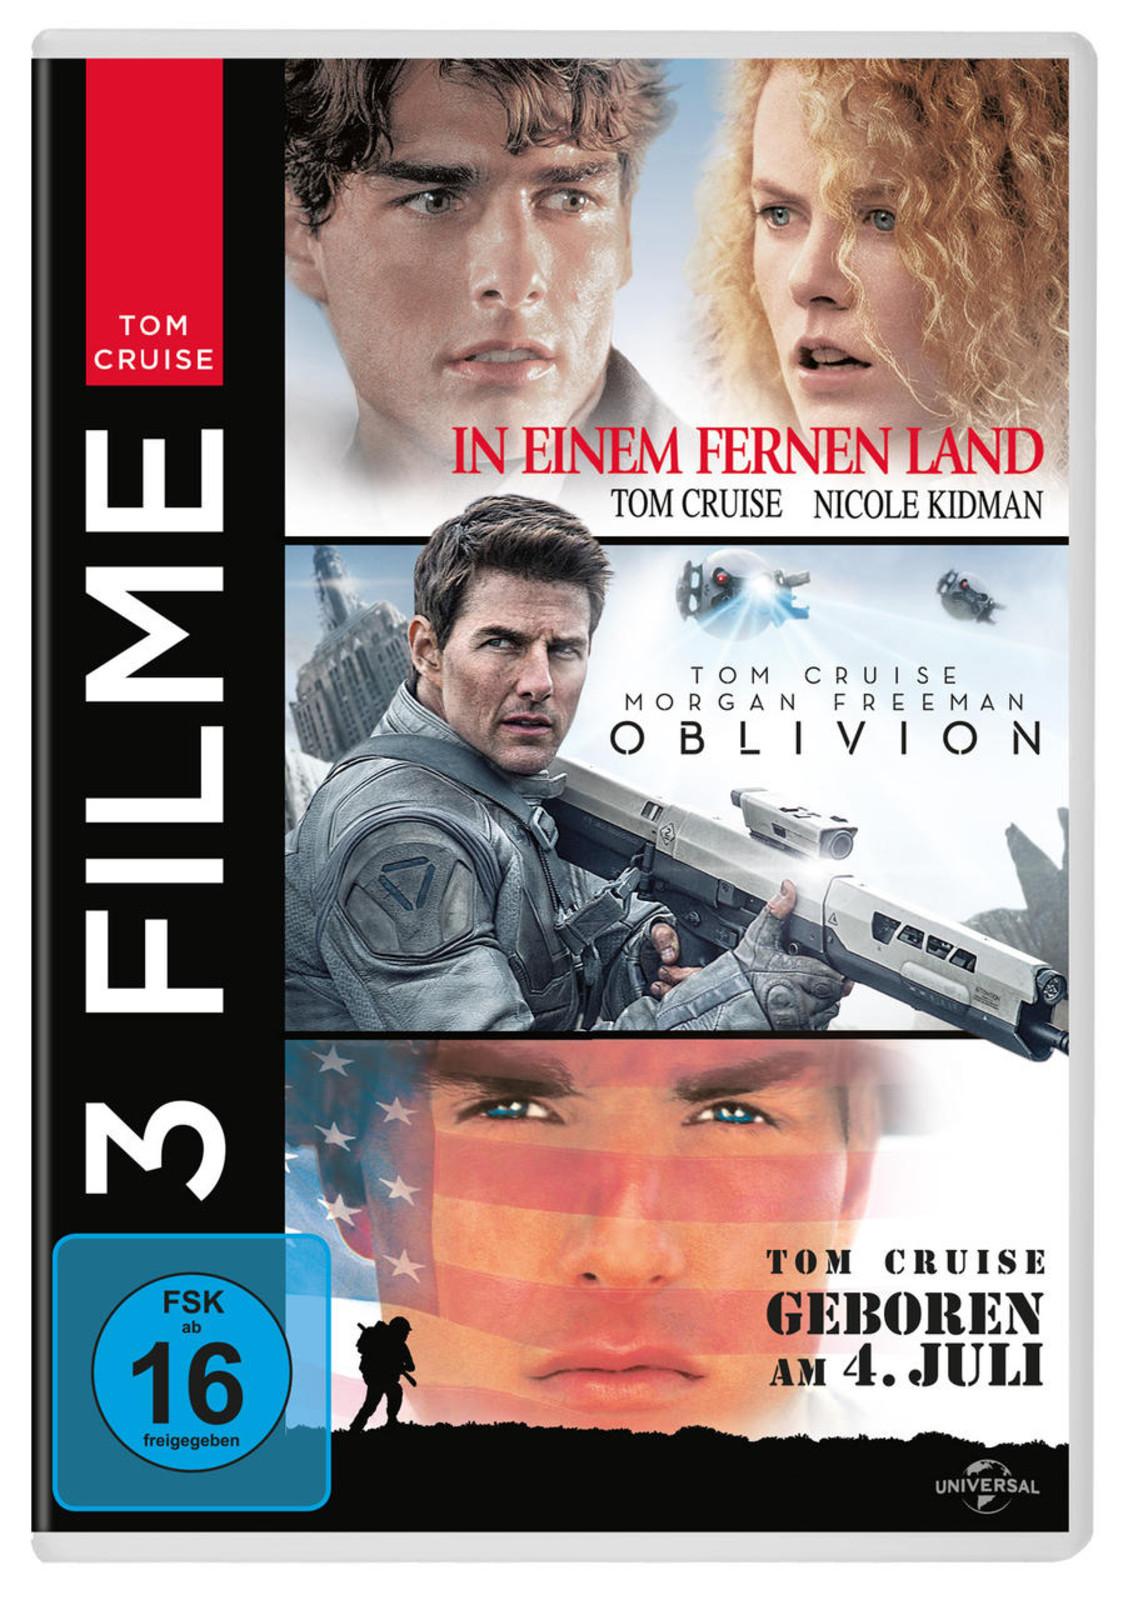 Tom Cruise Collection In Einem Fernen Land Oblivion Geboren Am 4 Juli Dvd Ebay